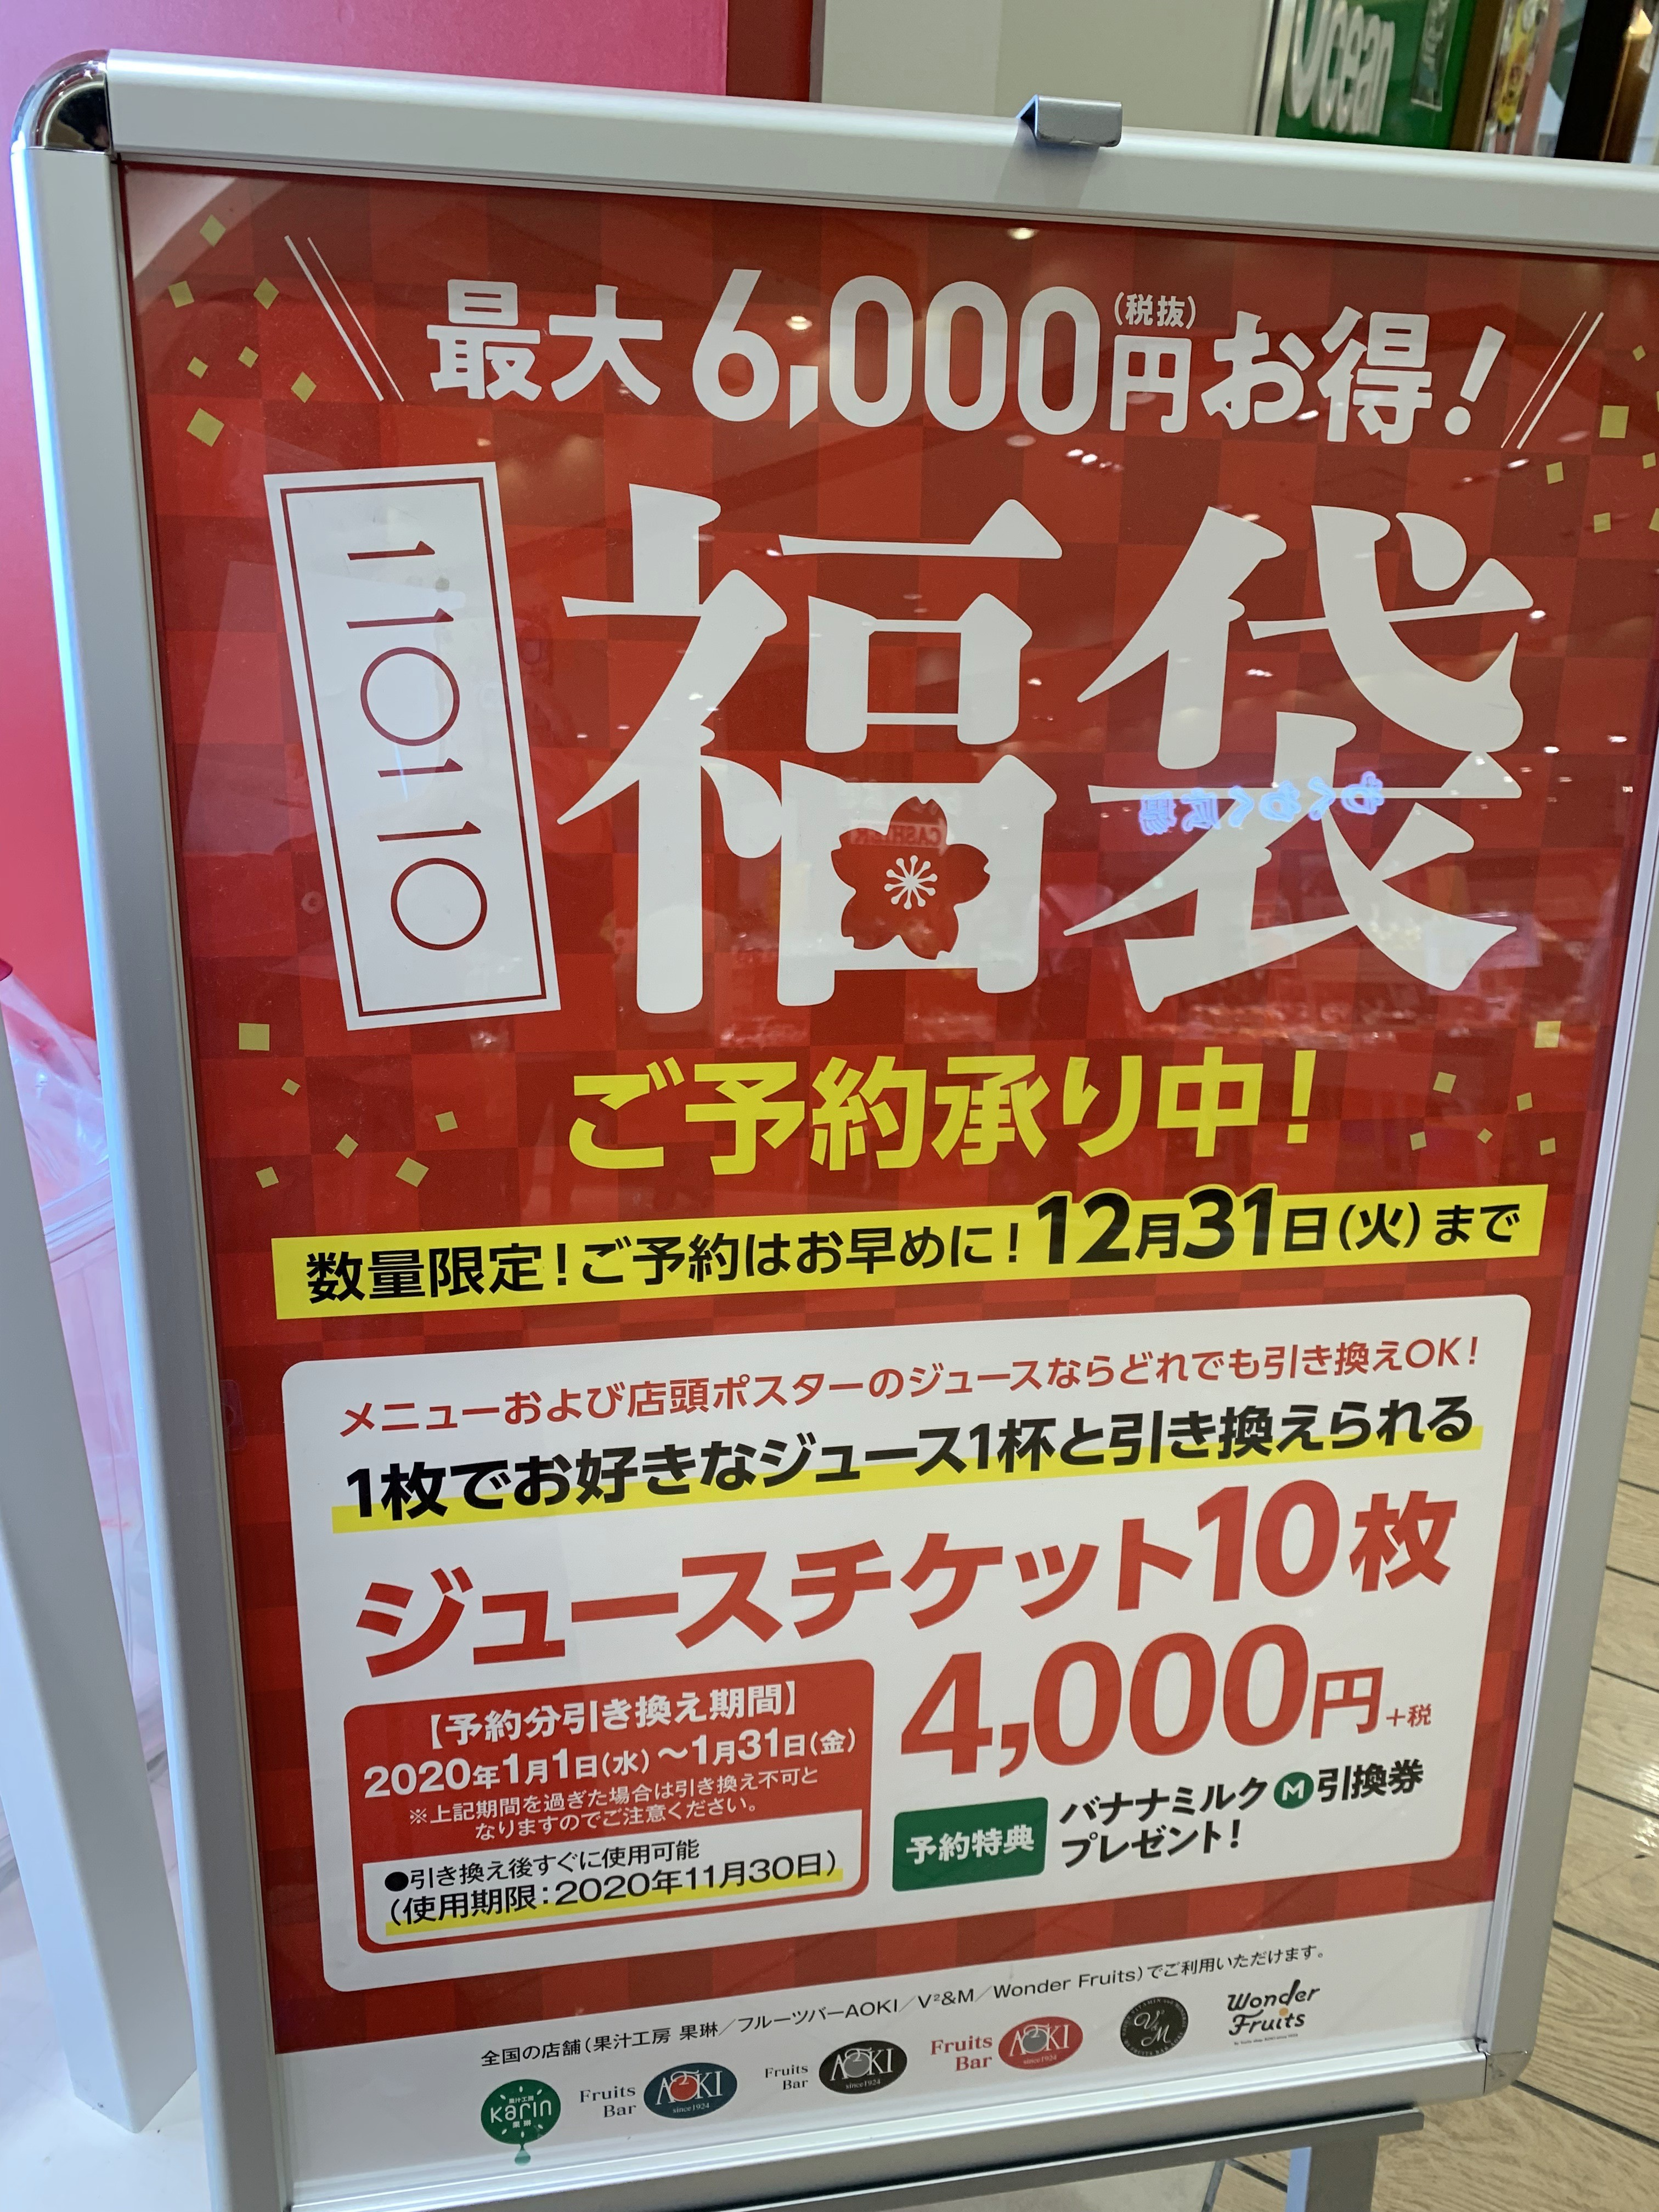 果琳(Karin)の2020年福袋はいつ発売される?予約・中身は?